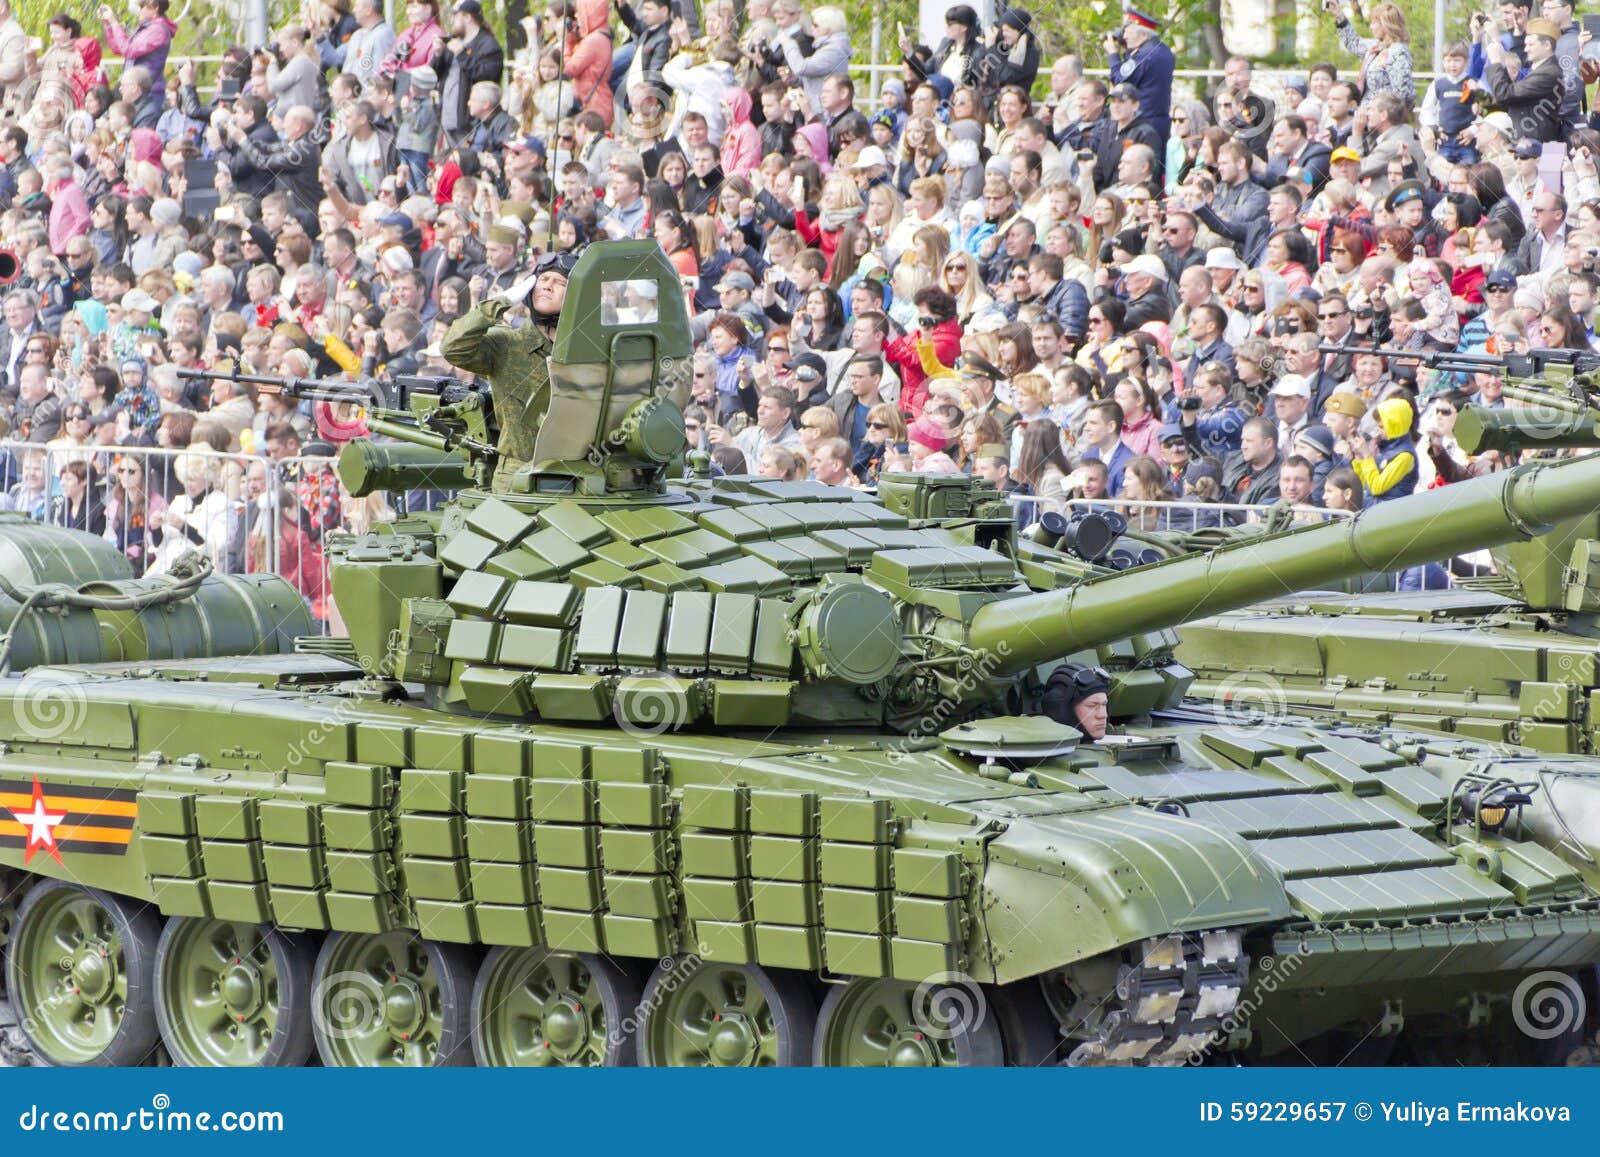 Download Los Militares Rusos Transportan En El Desfile En Victory Day Anual Fotografía editorial - Imagen de celebraciones, samara: 59229657